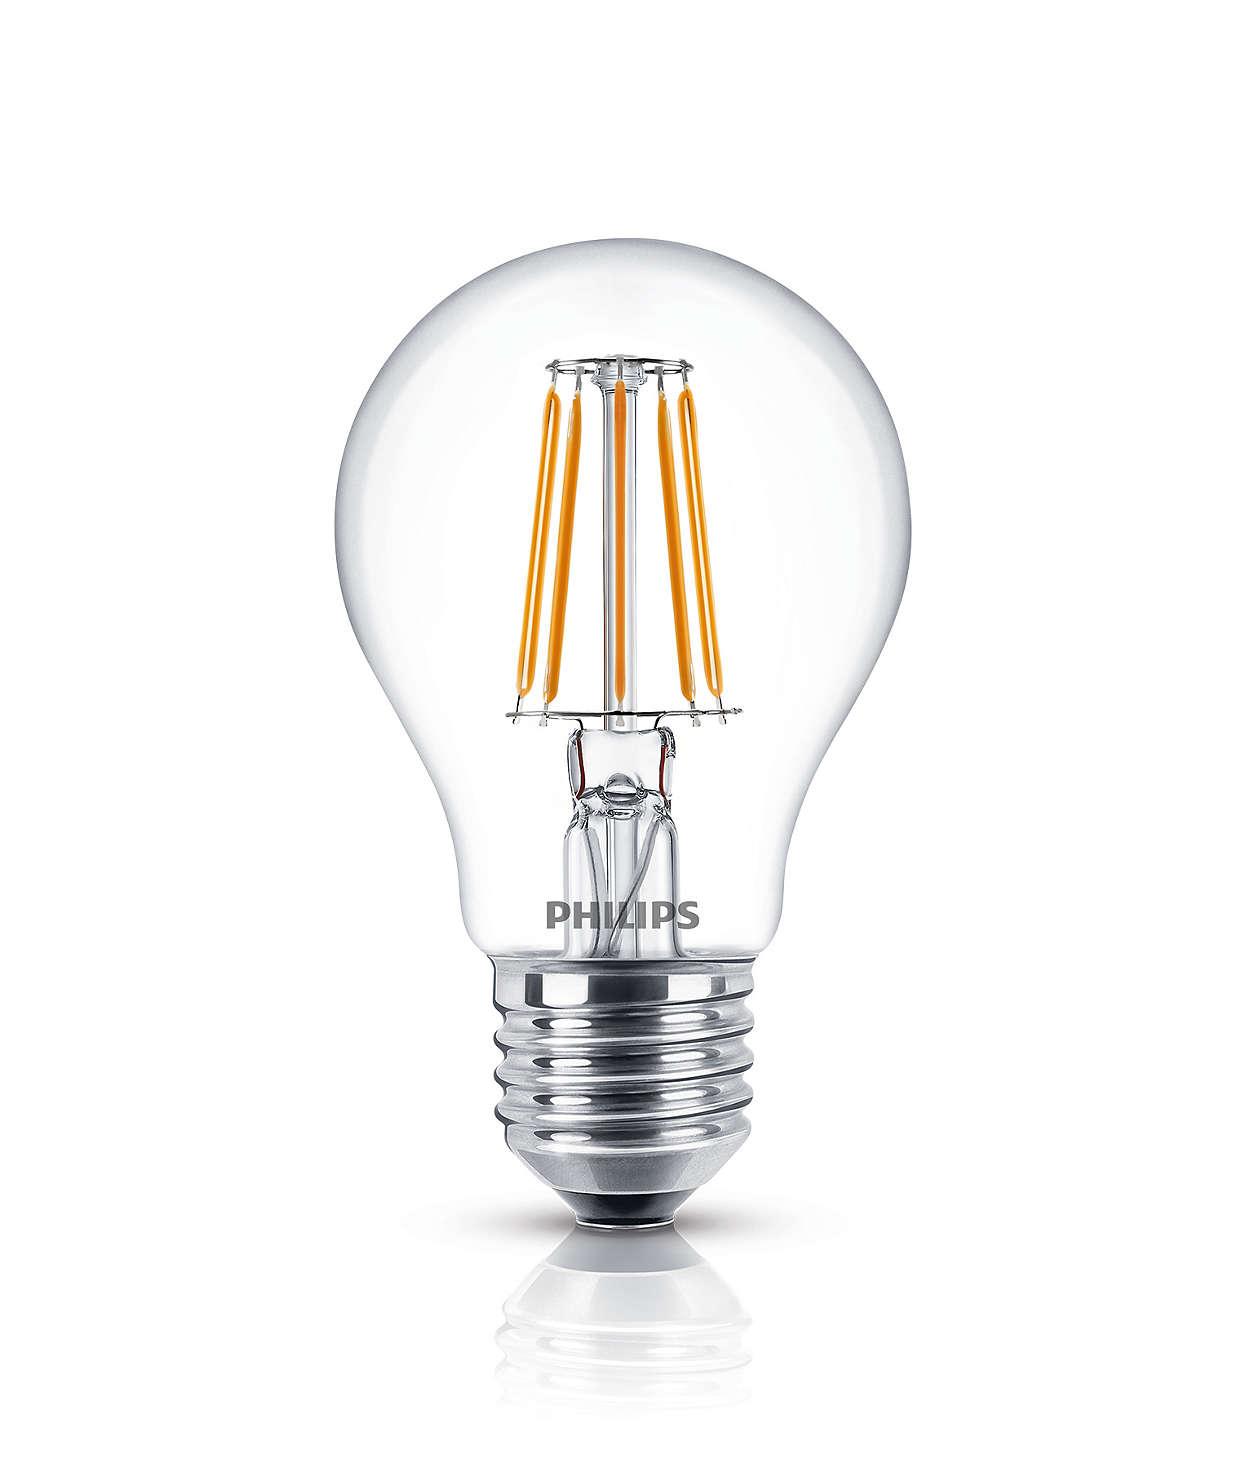 Led lampen philips lighting for Lampen zeichnen